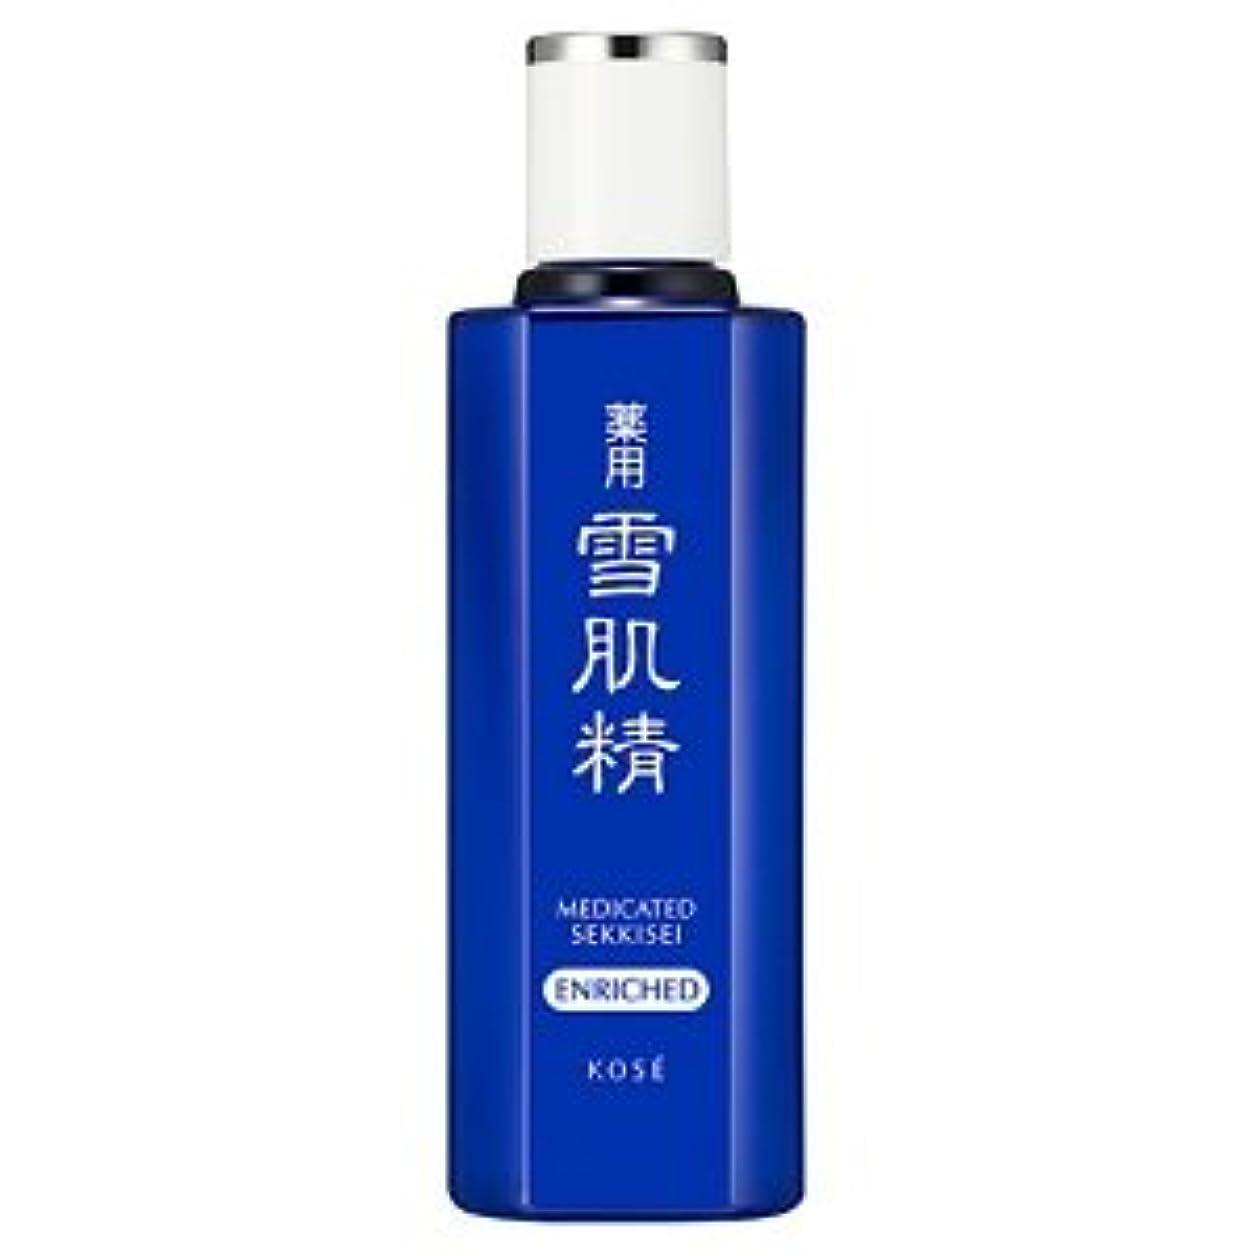 ページマーカー薬を飲むコーセー 雪肌精 薬用 雪肌精 エンリッチ 200ml 化粧水